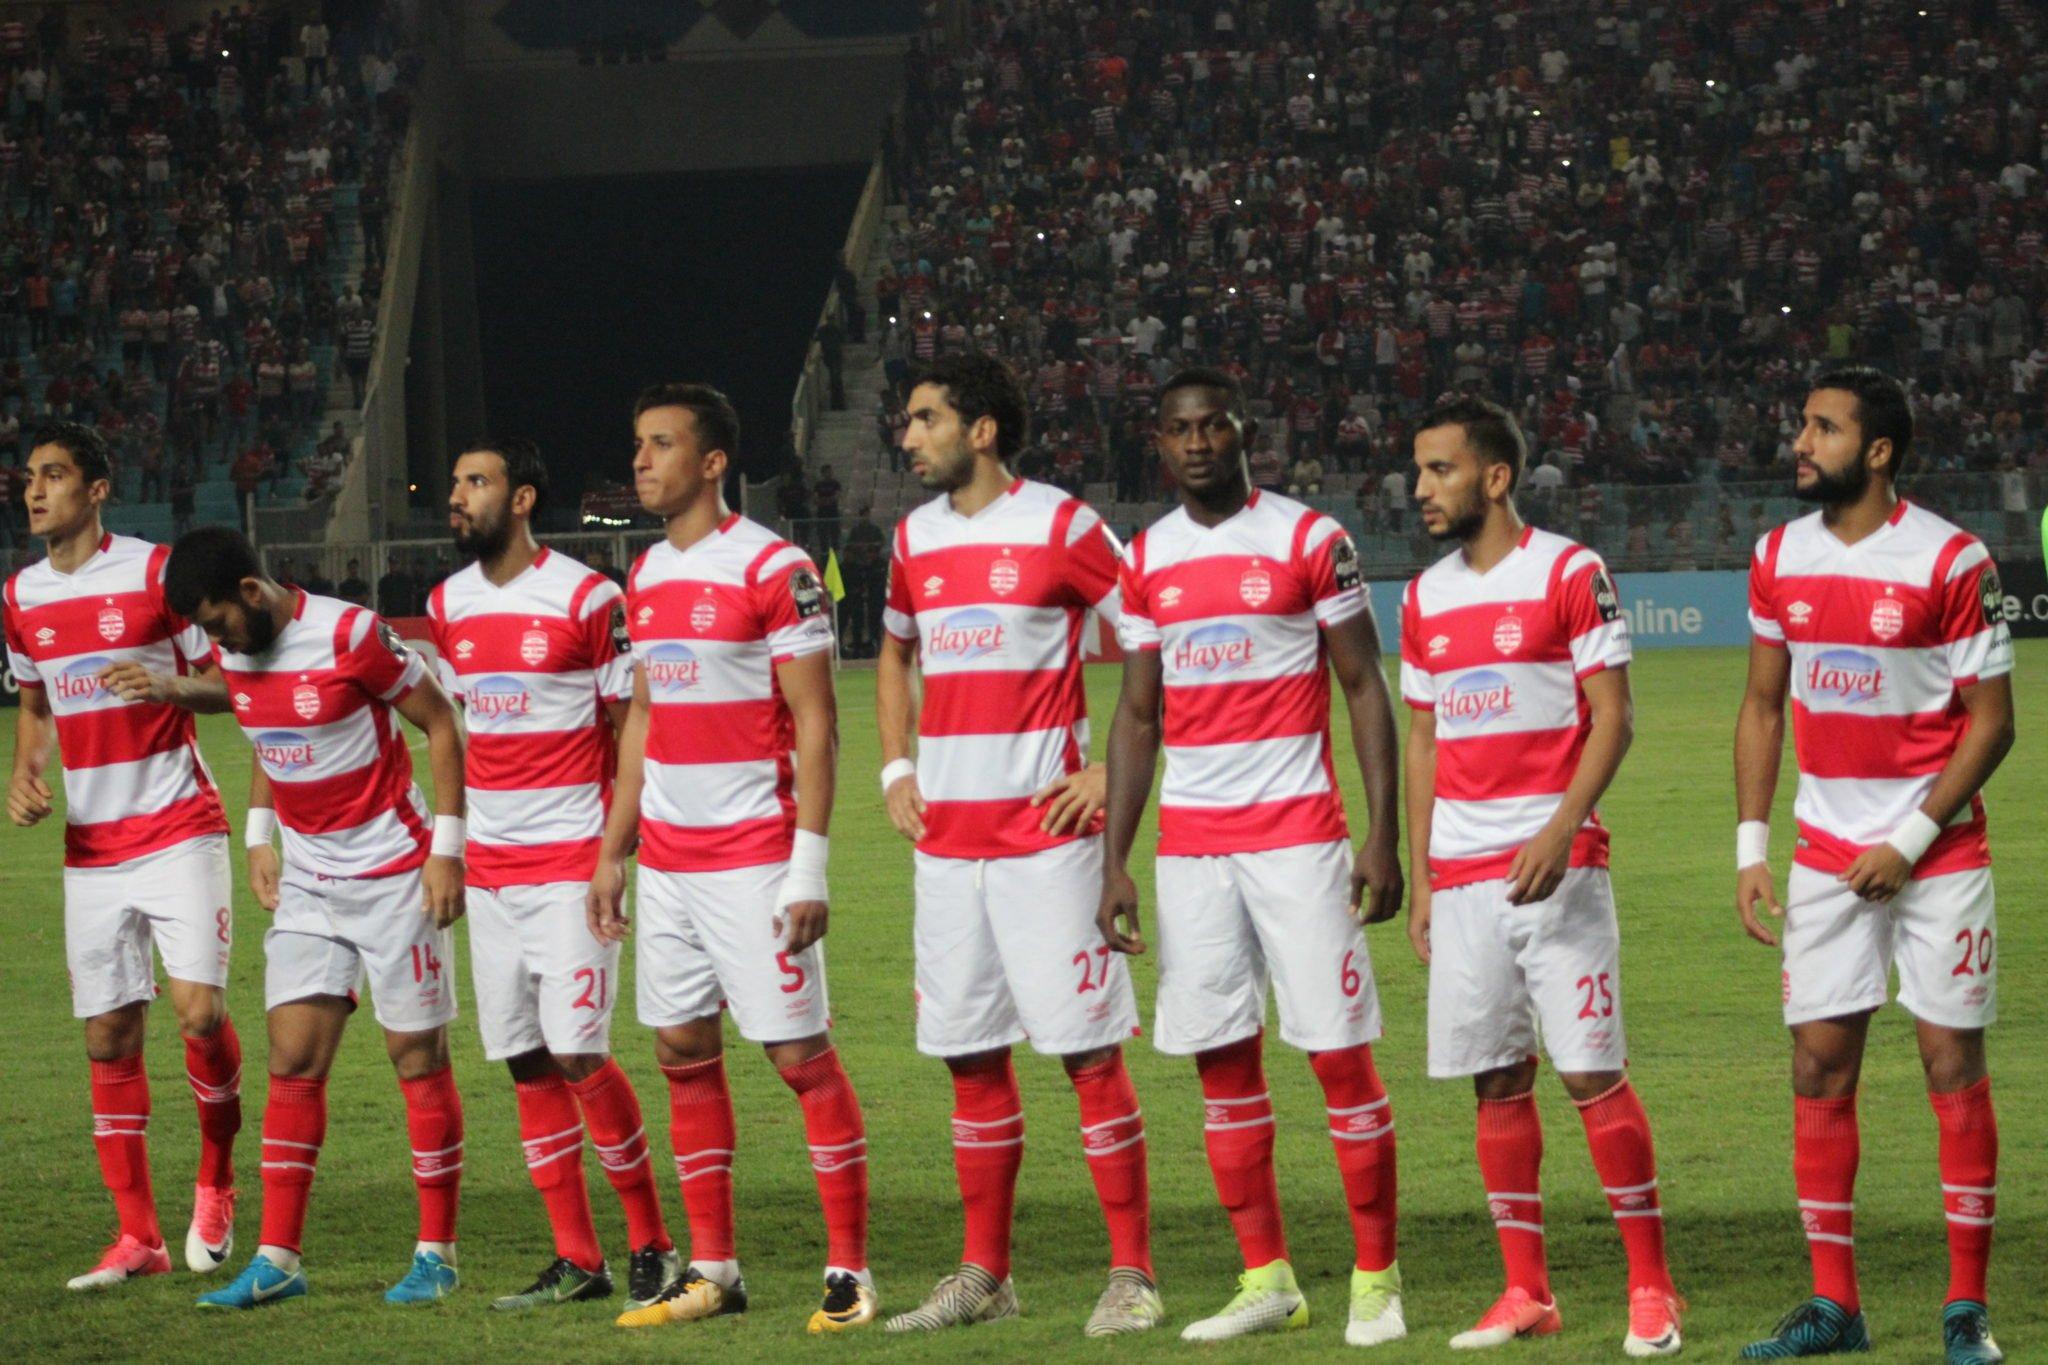 تشكيلة النادي الافريقي أمام نادي حمام الانف